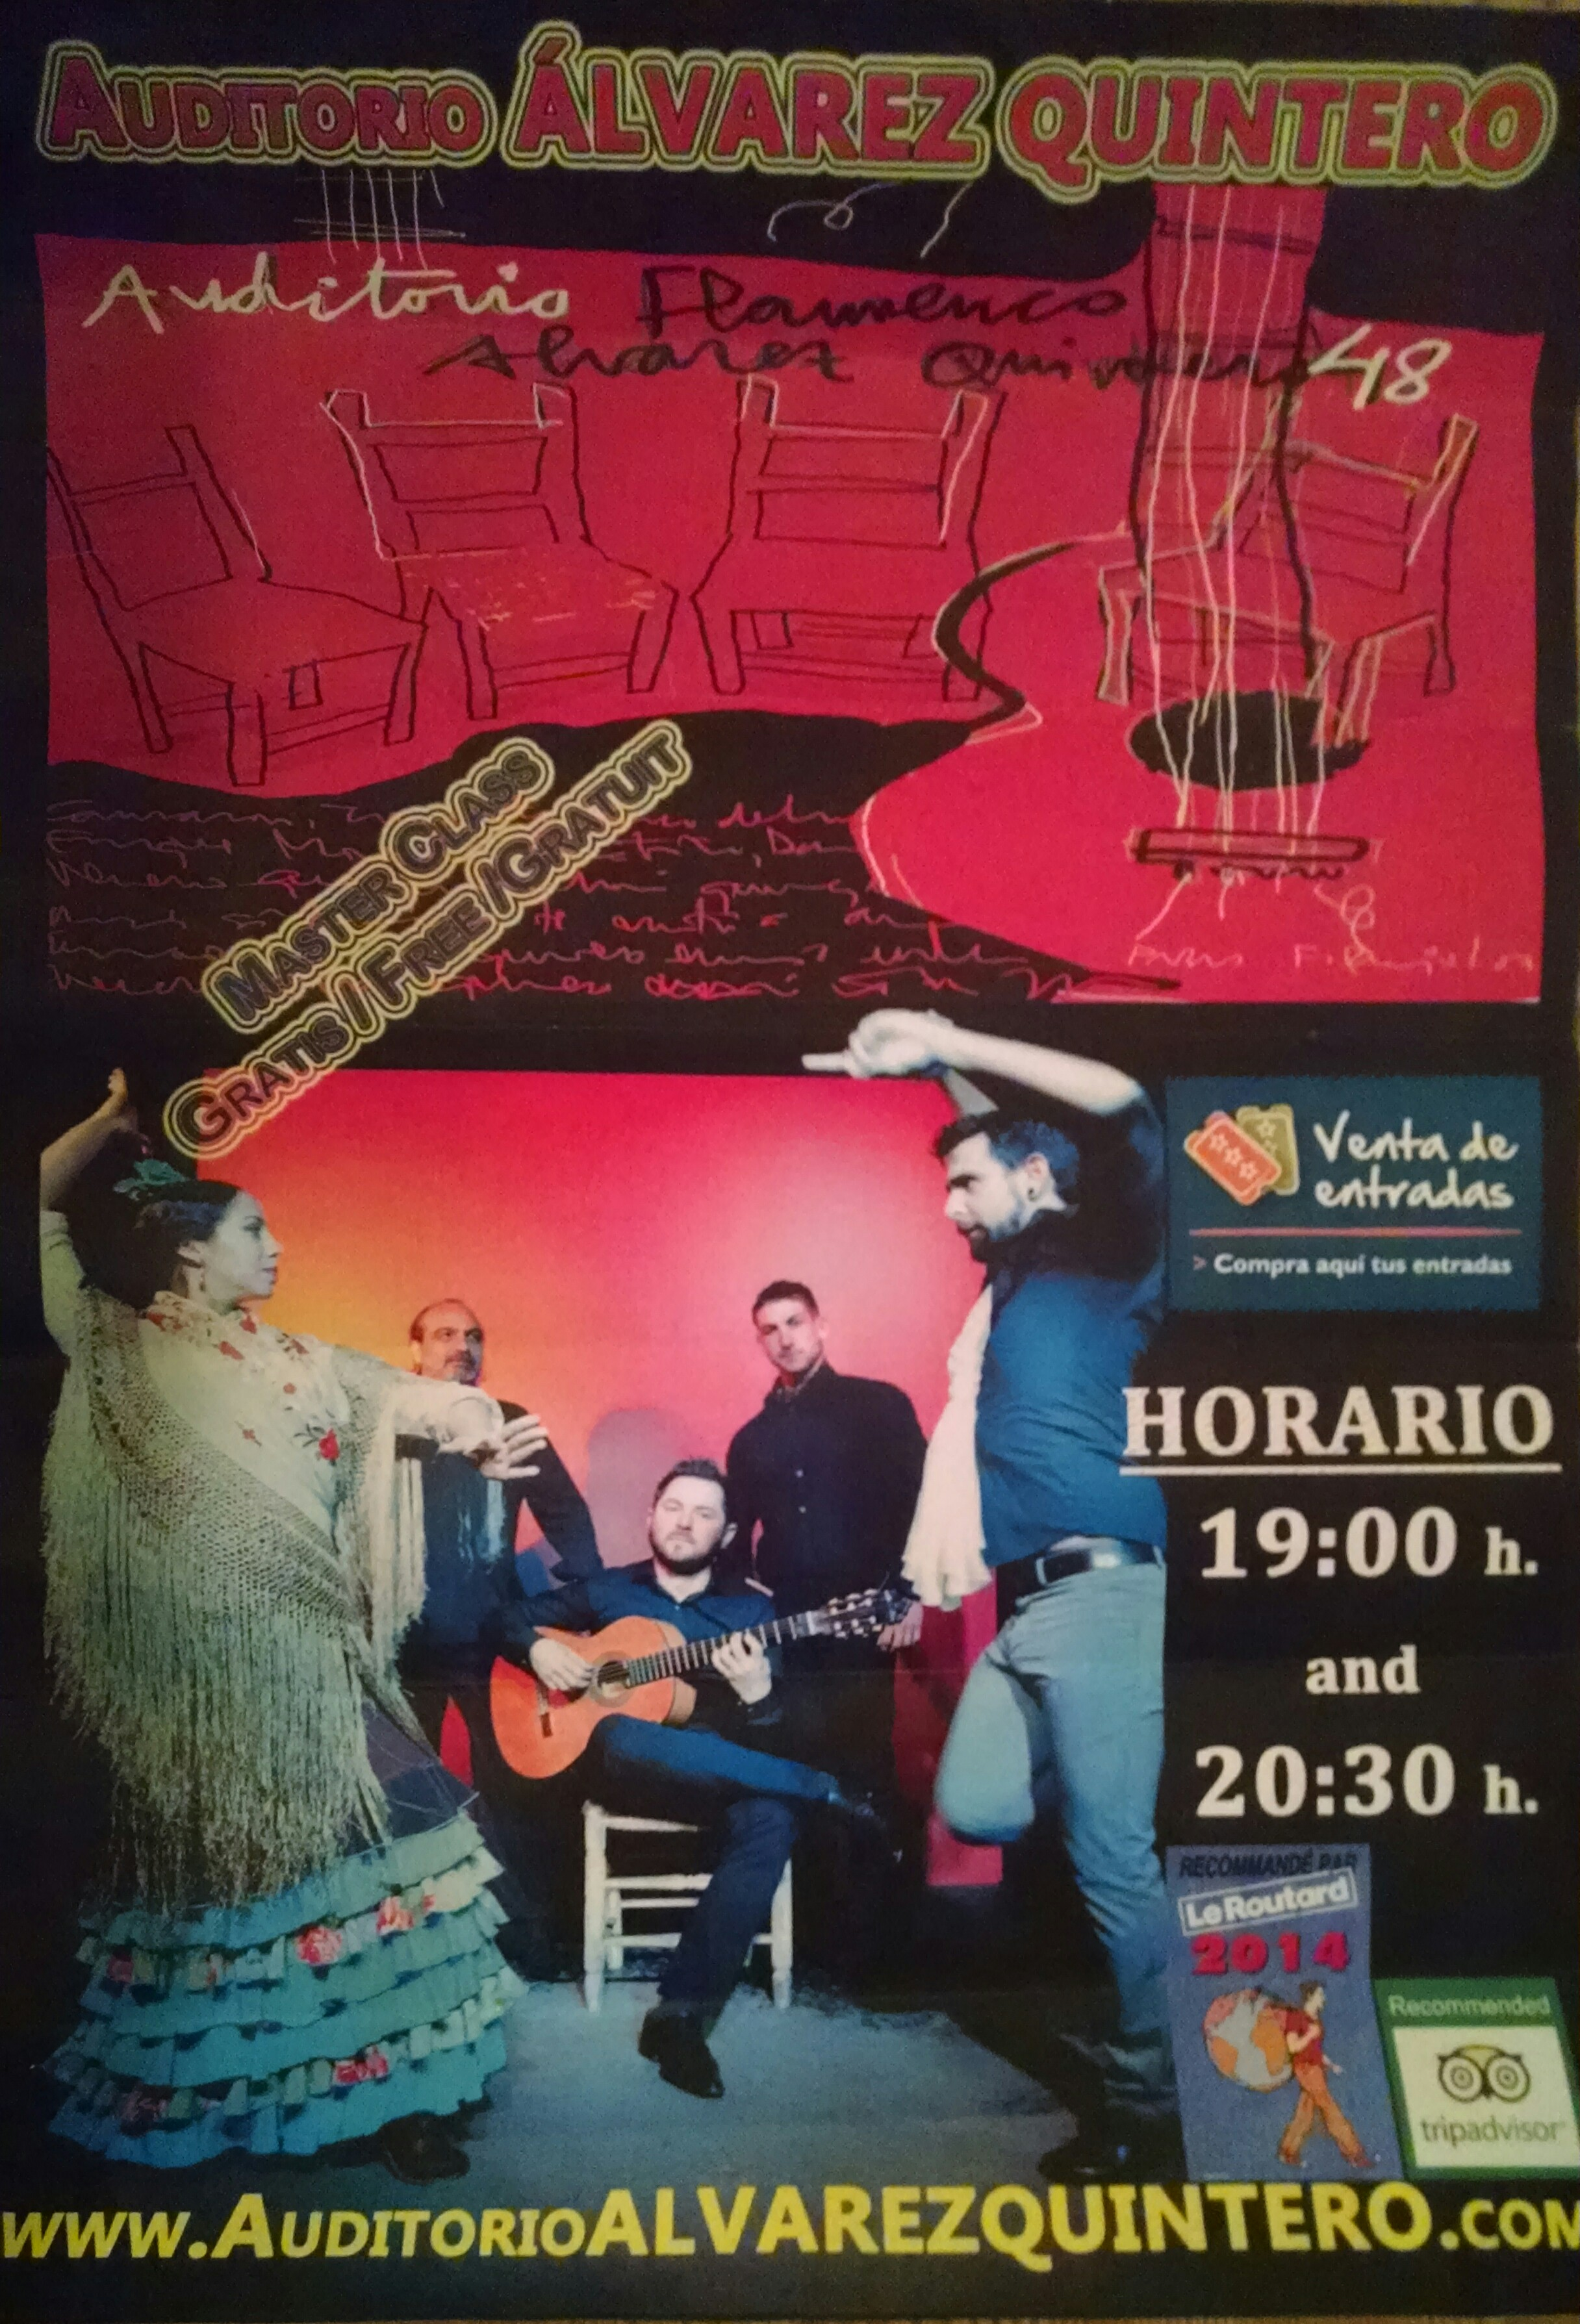 Auditorio Alvarez Quintero Poster